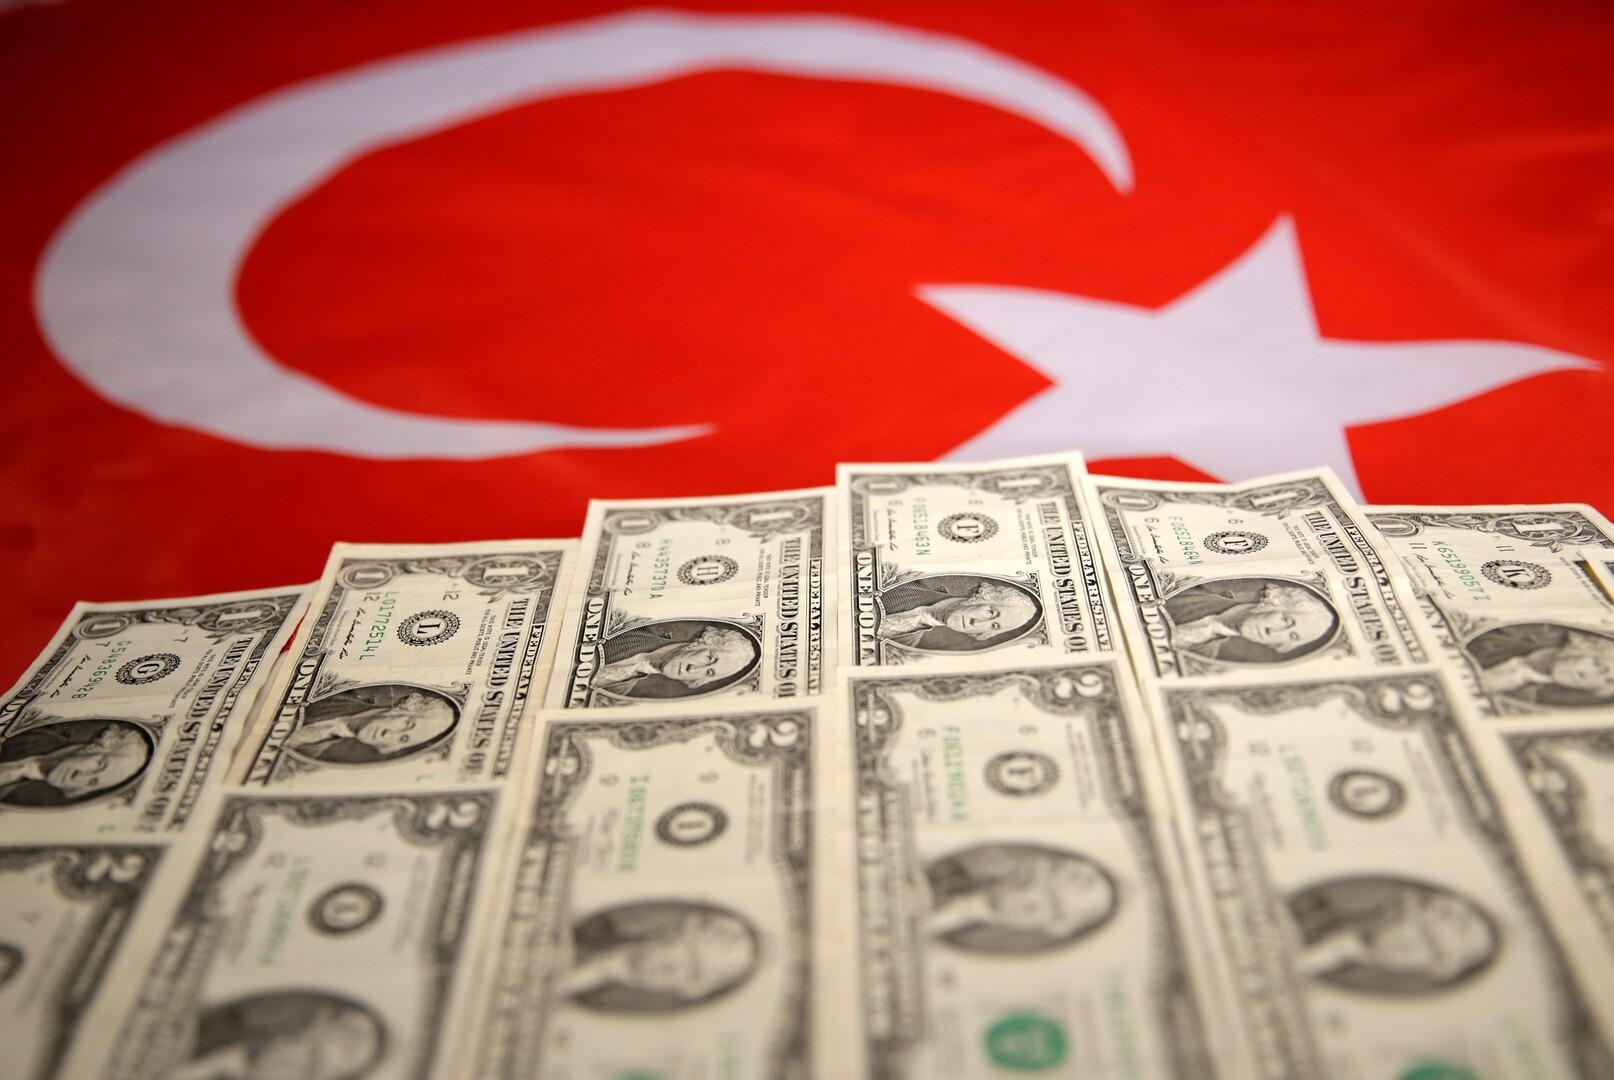 ما هي التحديات الاقتصادية والعسكرية التي تواجهها العملية التركية في سوريا؟